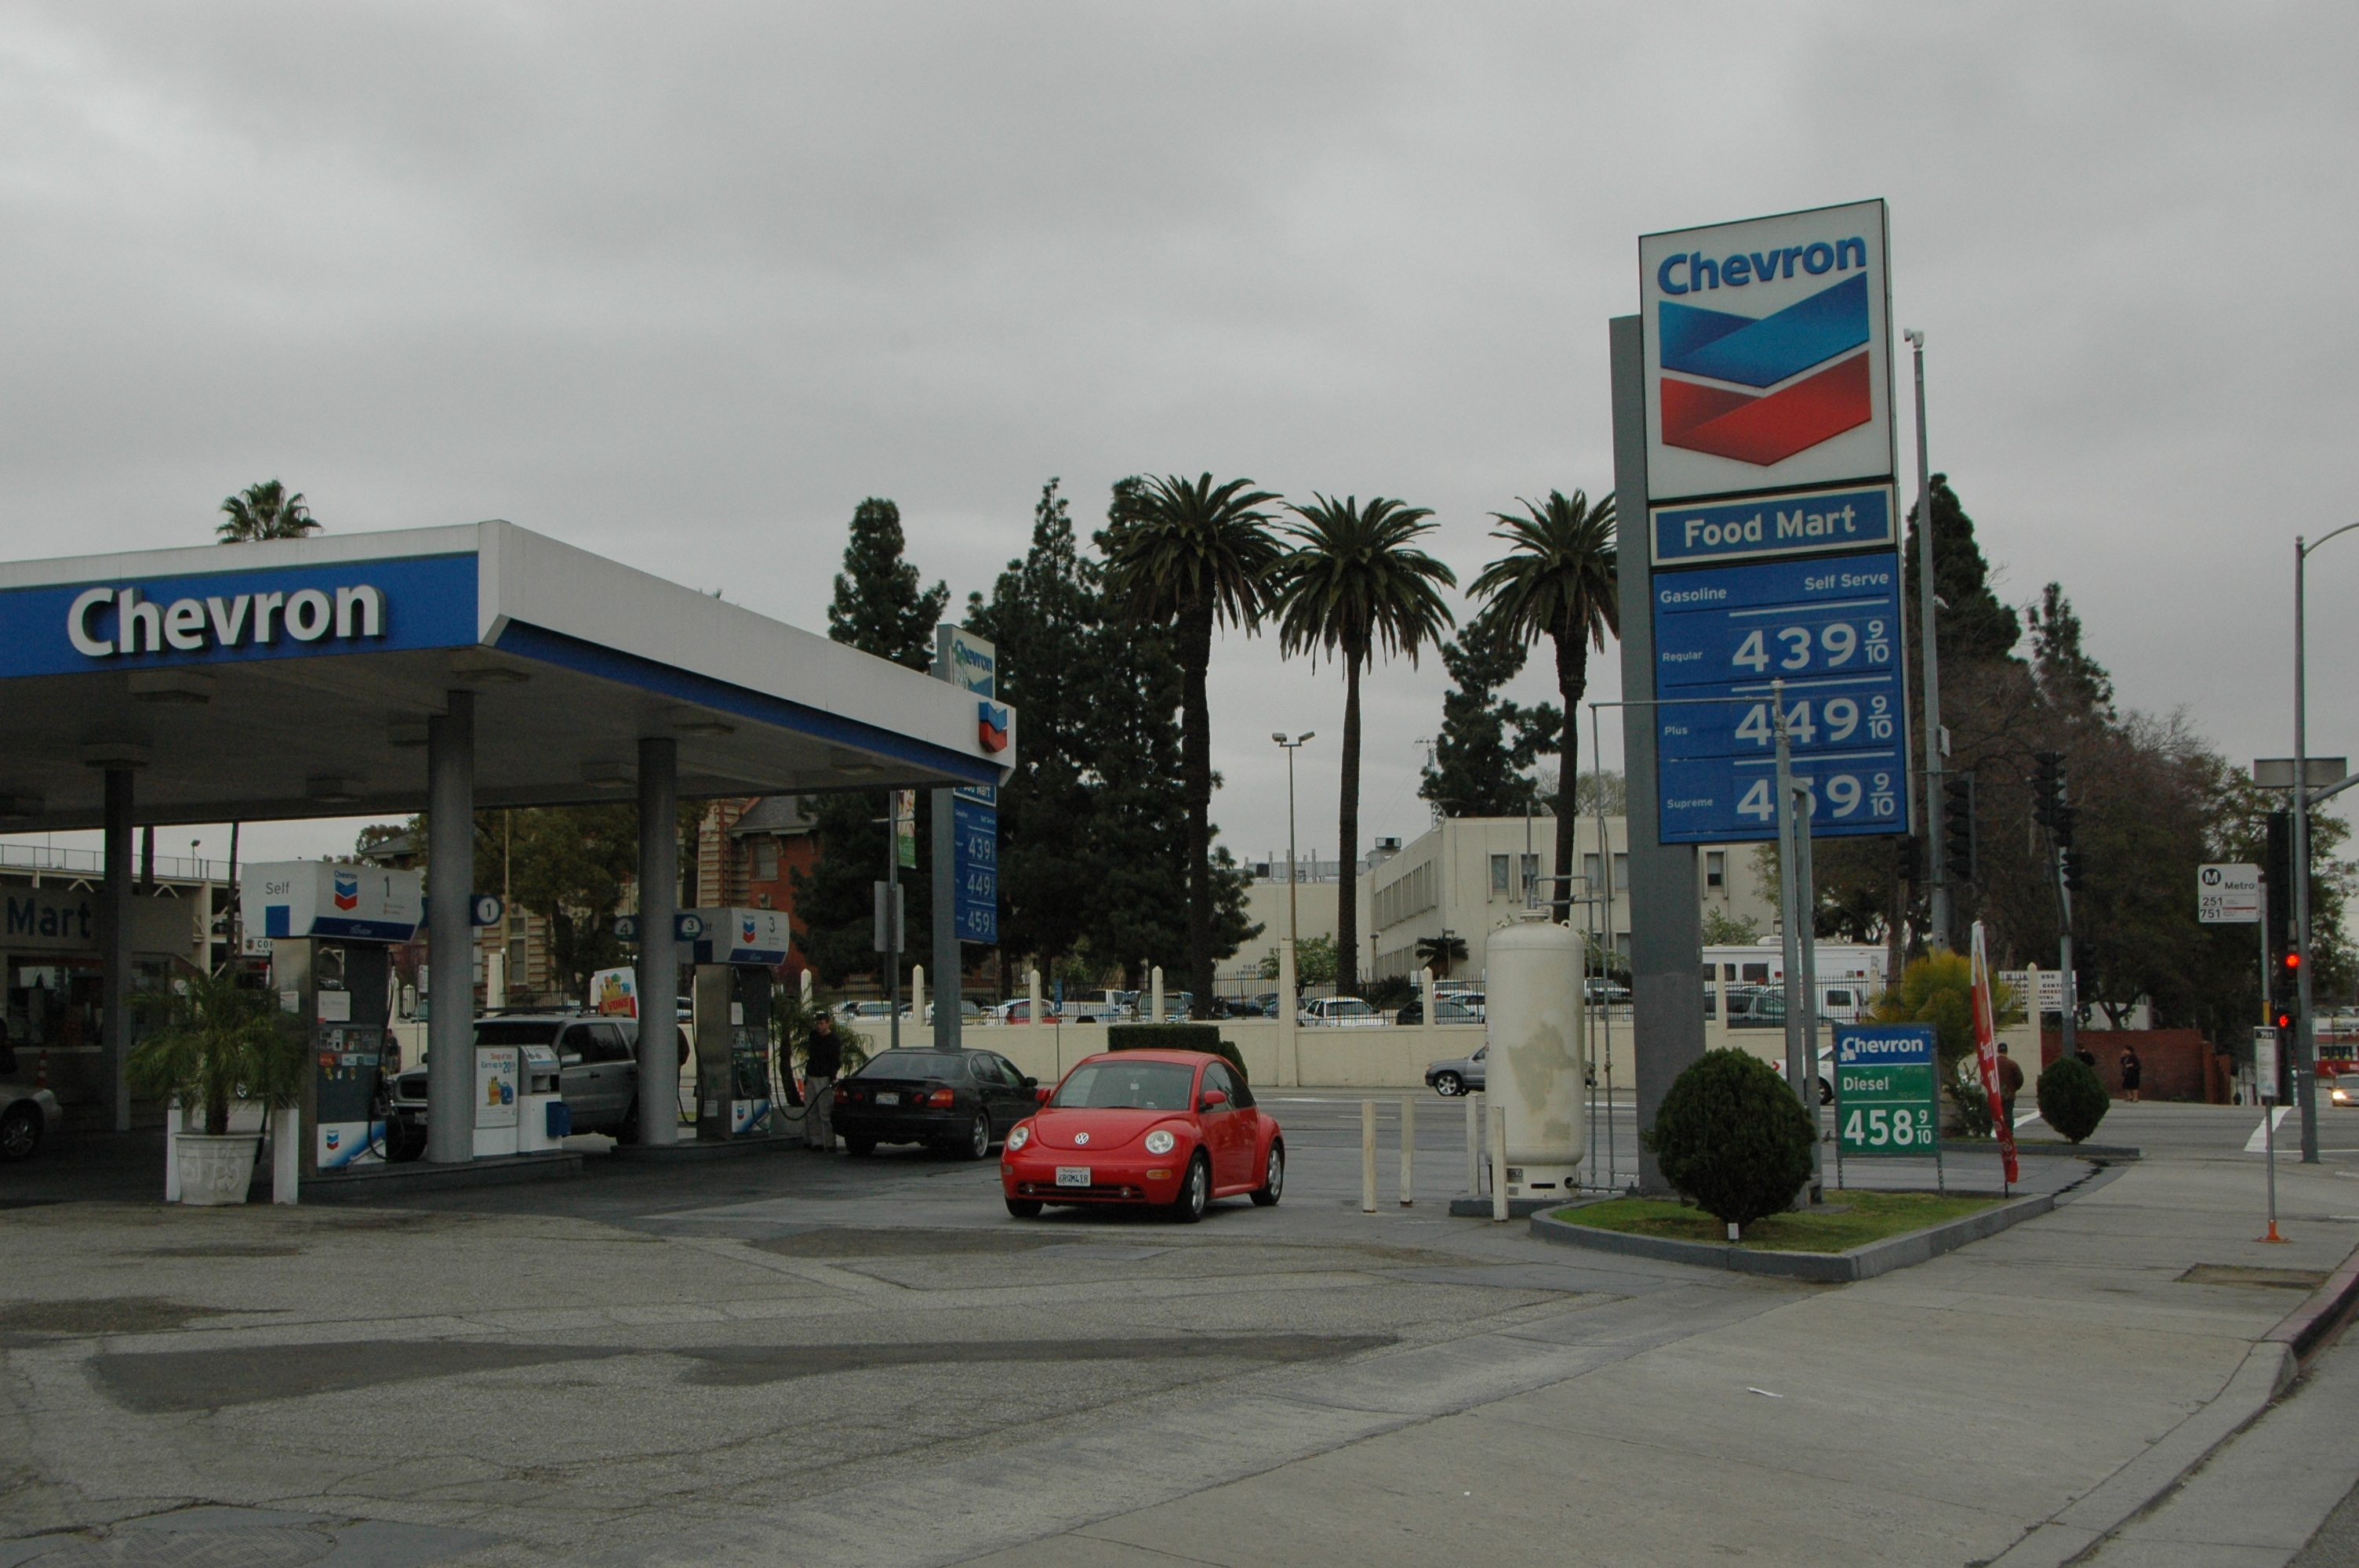 Precios de la gasolina en una estación cercana a Union Station, en Los Ángeles. Foto: José Ubaldo/Metro.